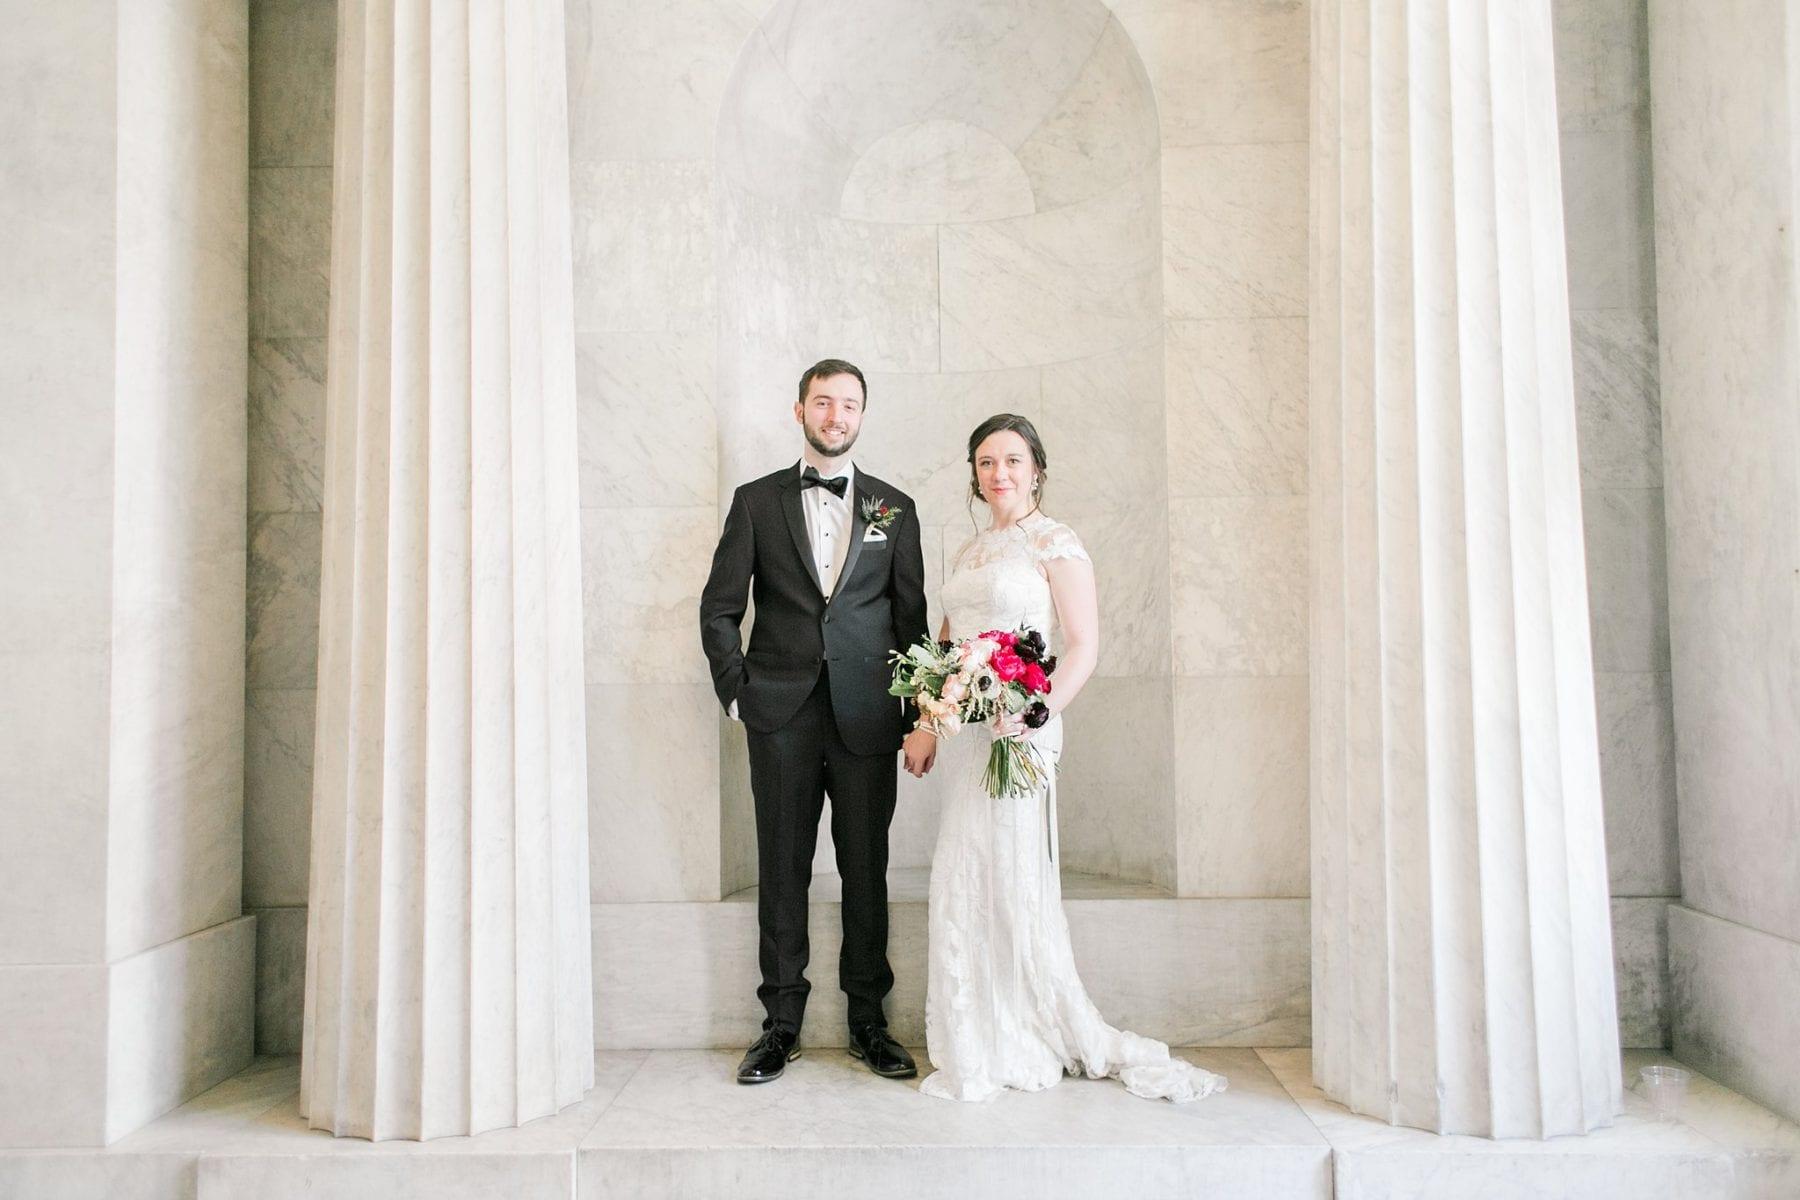 Hotel Monaco Washington DC Wedding Photos Megan Kelsey Photography Erin & Mike -82